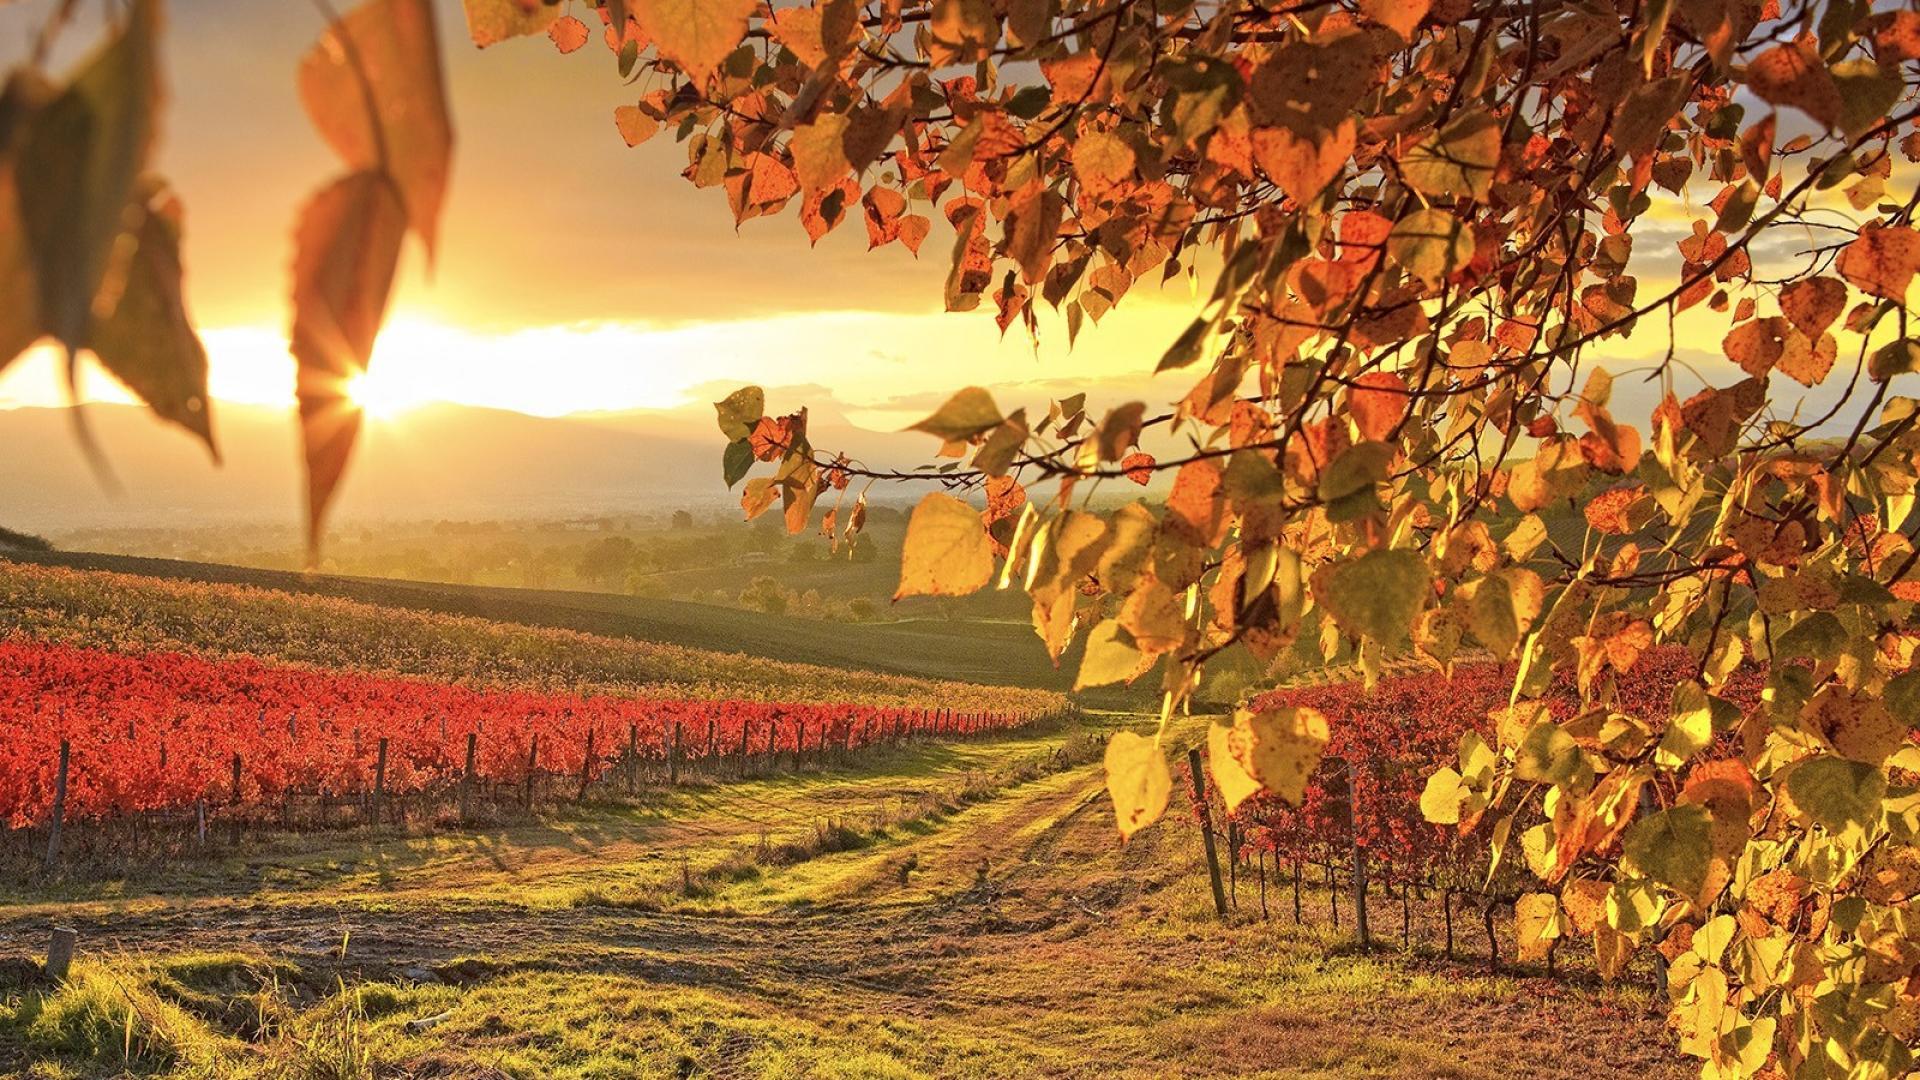 Fall Wallpaper For Windows Paisajes De Oto 241 O Para Fondos De Pantalla Oto 241 O Wallpapers